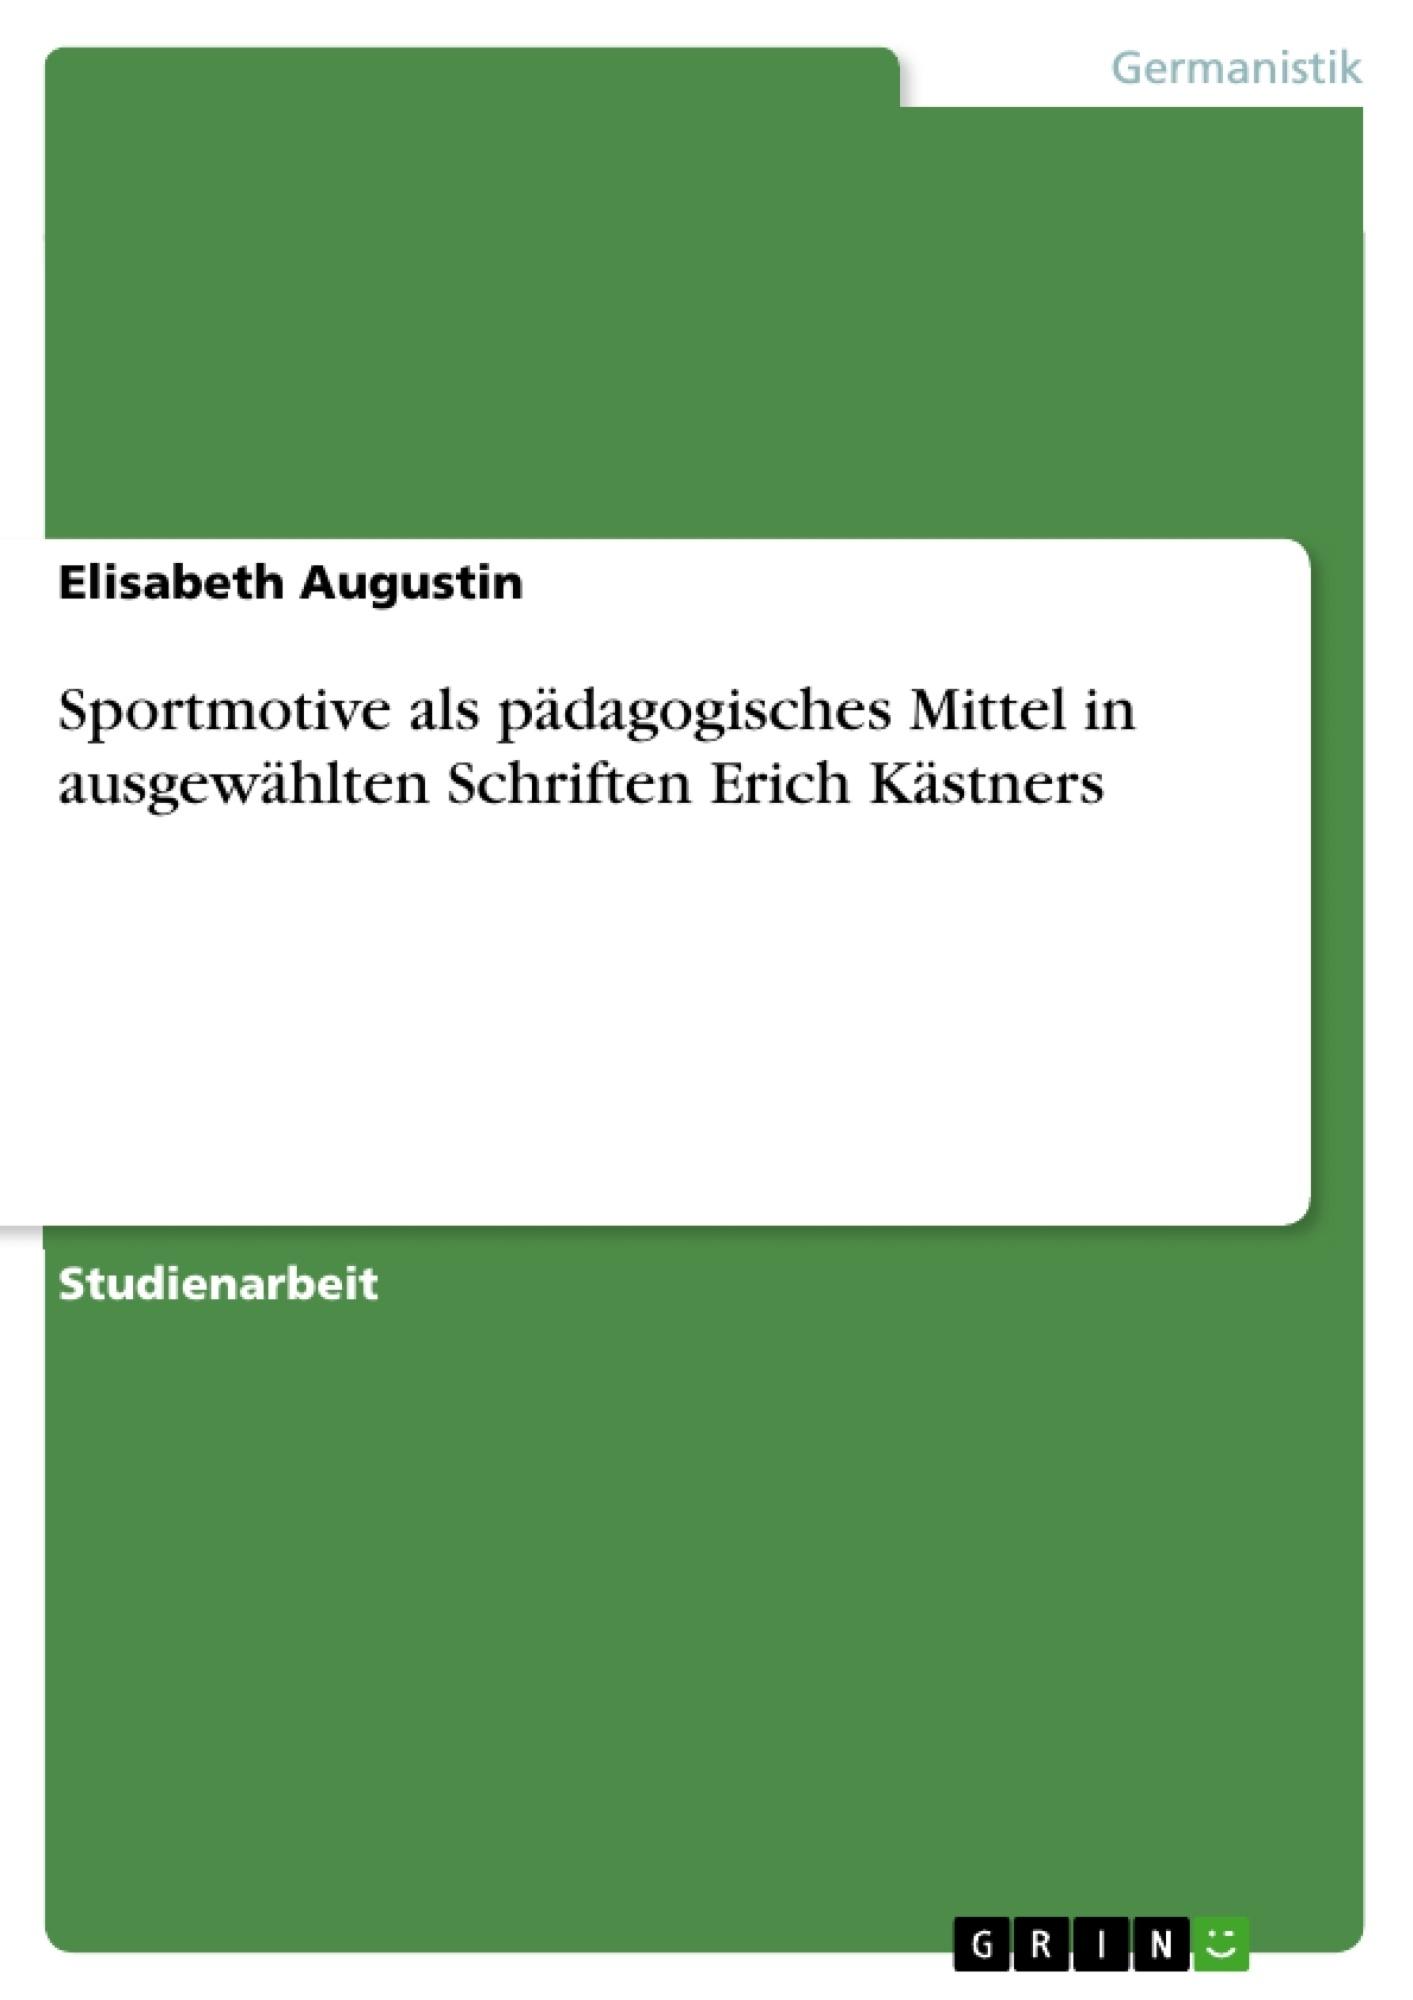 Titel: Sportmotive als pädagogisches Mittel in ausgewählten Schriften Erich Kästners